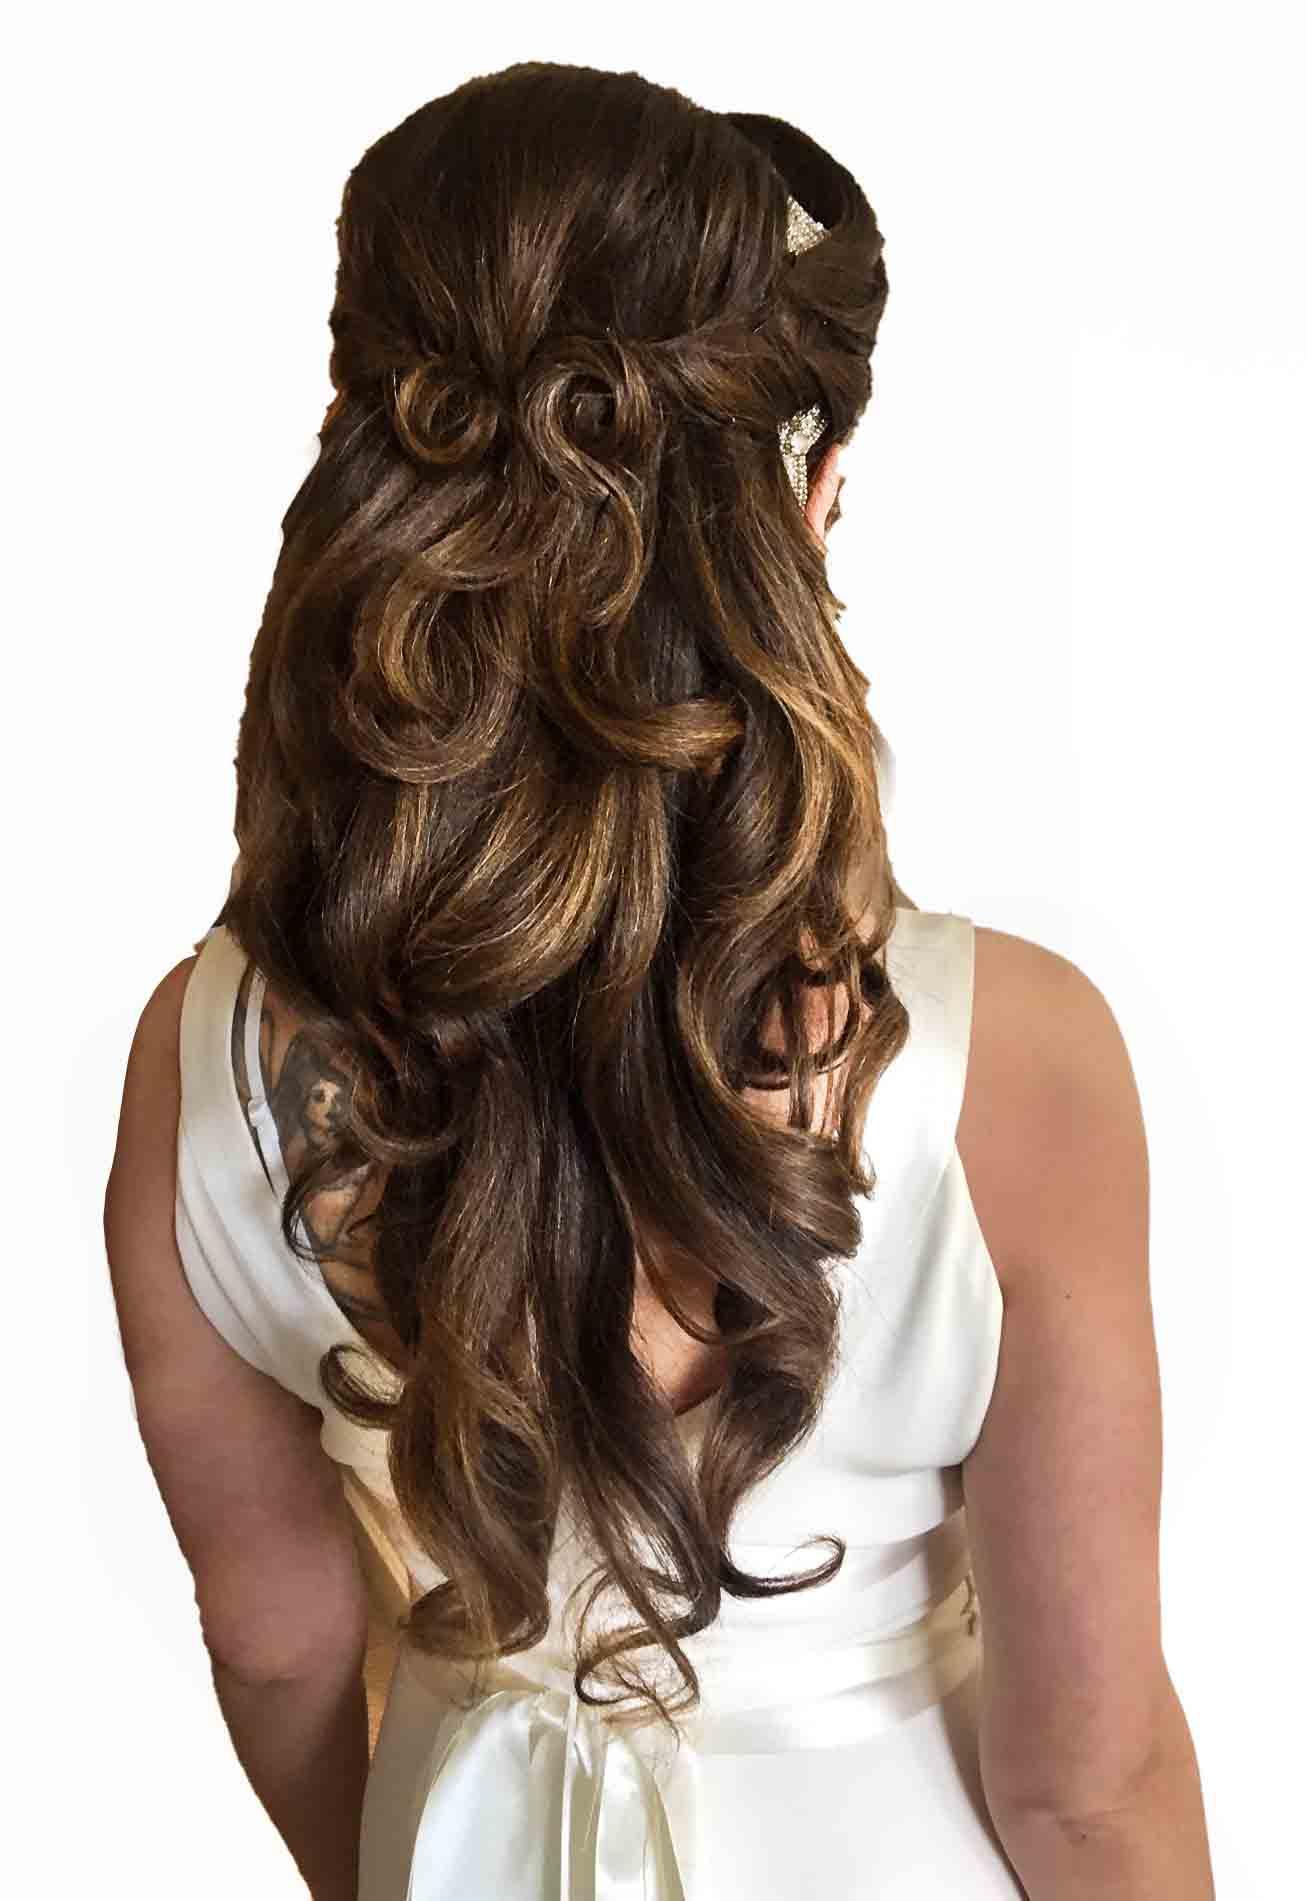 Bridal Hair at FTMakeup London